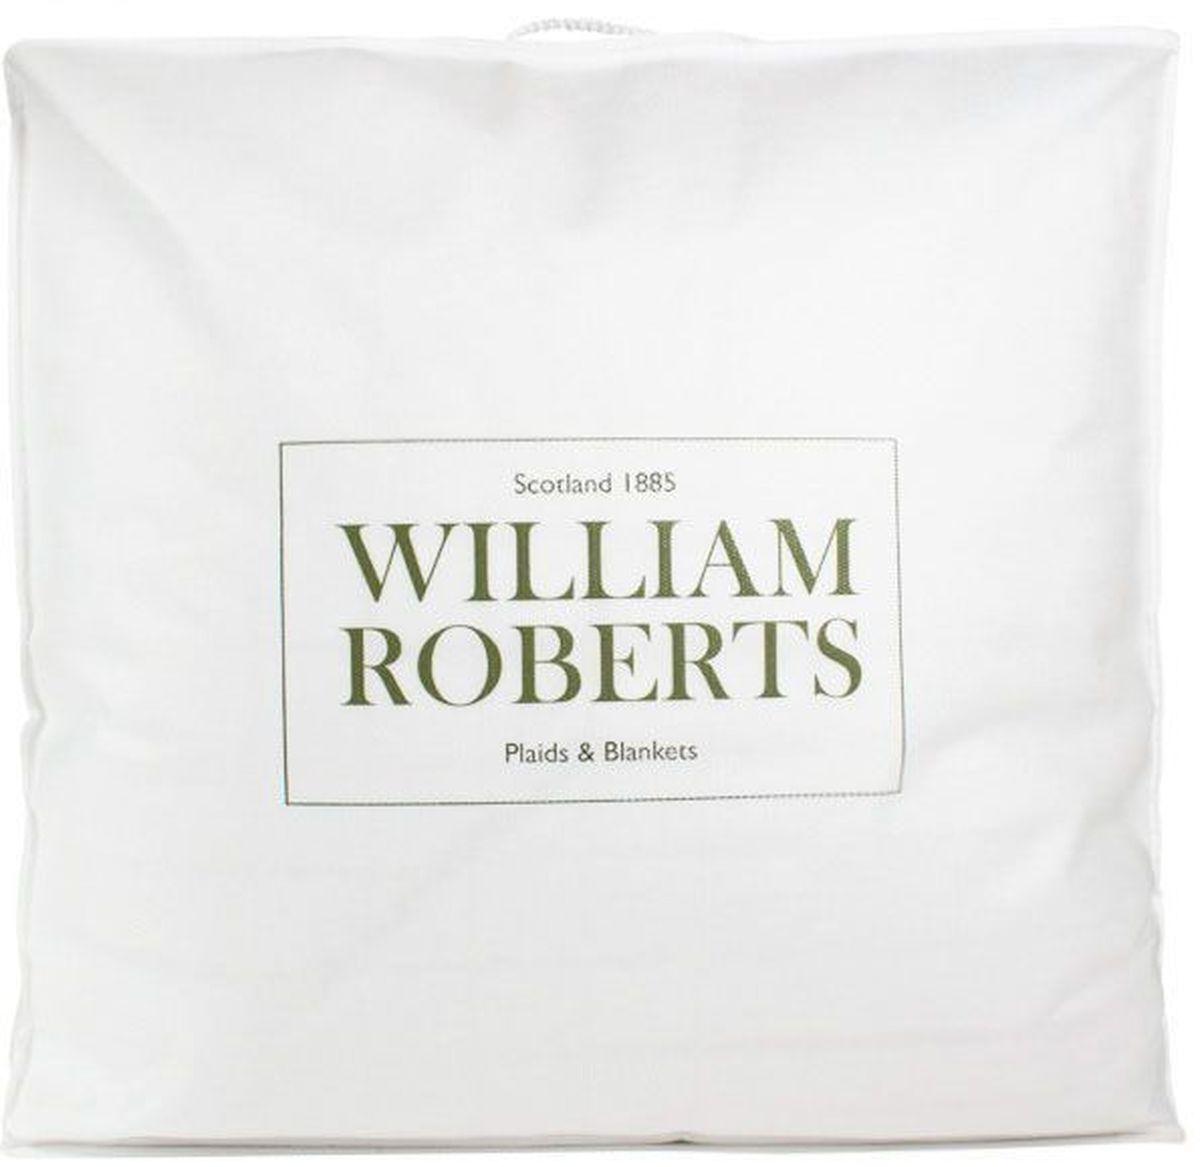 Подушка William Roberts White Splendid Down, средняя, 50х70wlr233231Подушка средняя для тех, кто спит на спине Размер (см): 50х70 (1 шт) (Прямоугольная) Наполнитель ядра: Пух-перо Состав наполнителя: 100% Гусиный белый пух высокого качества Материал чехла: Хлопковый сатин (Supersoft) Состав материала чехла: 100% Хлопок Отделка: Кант Застежка: Нет Производитель: William Roberts Cтрана производства: Великобритания